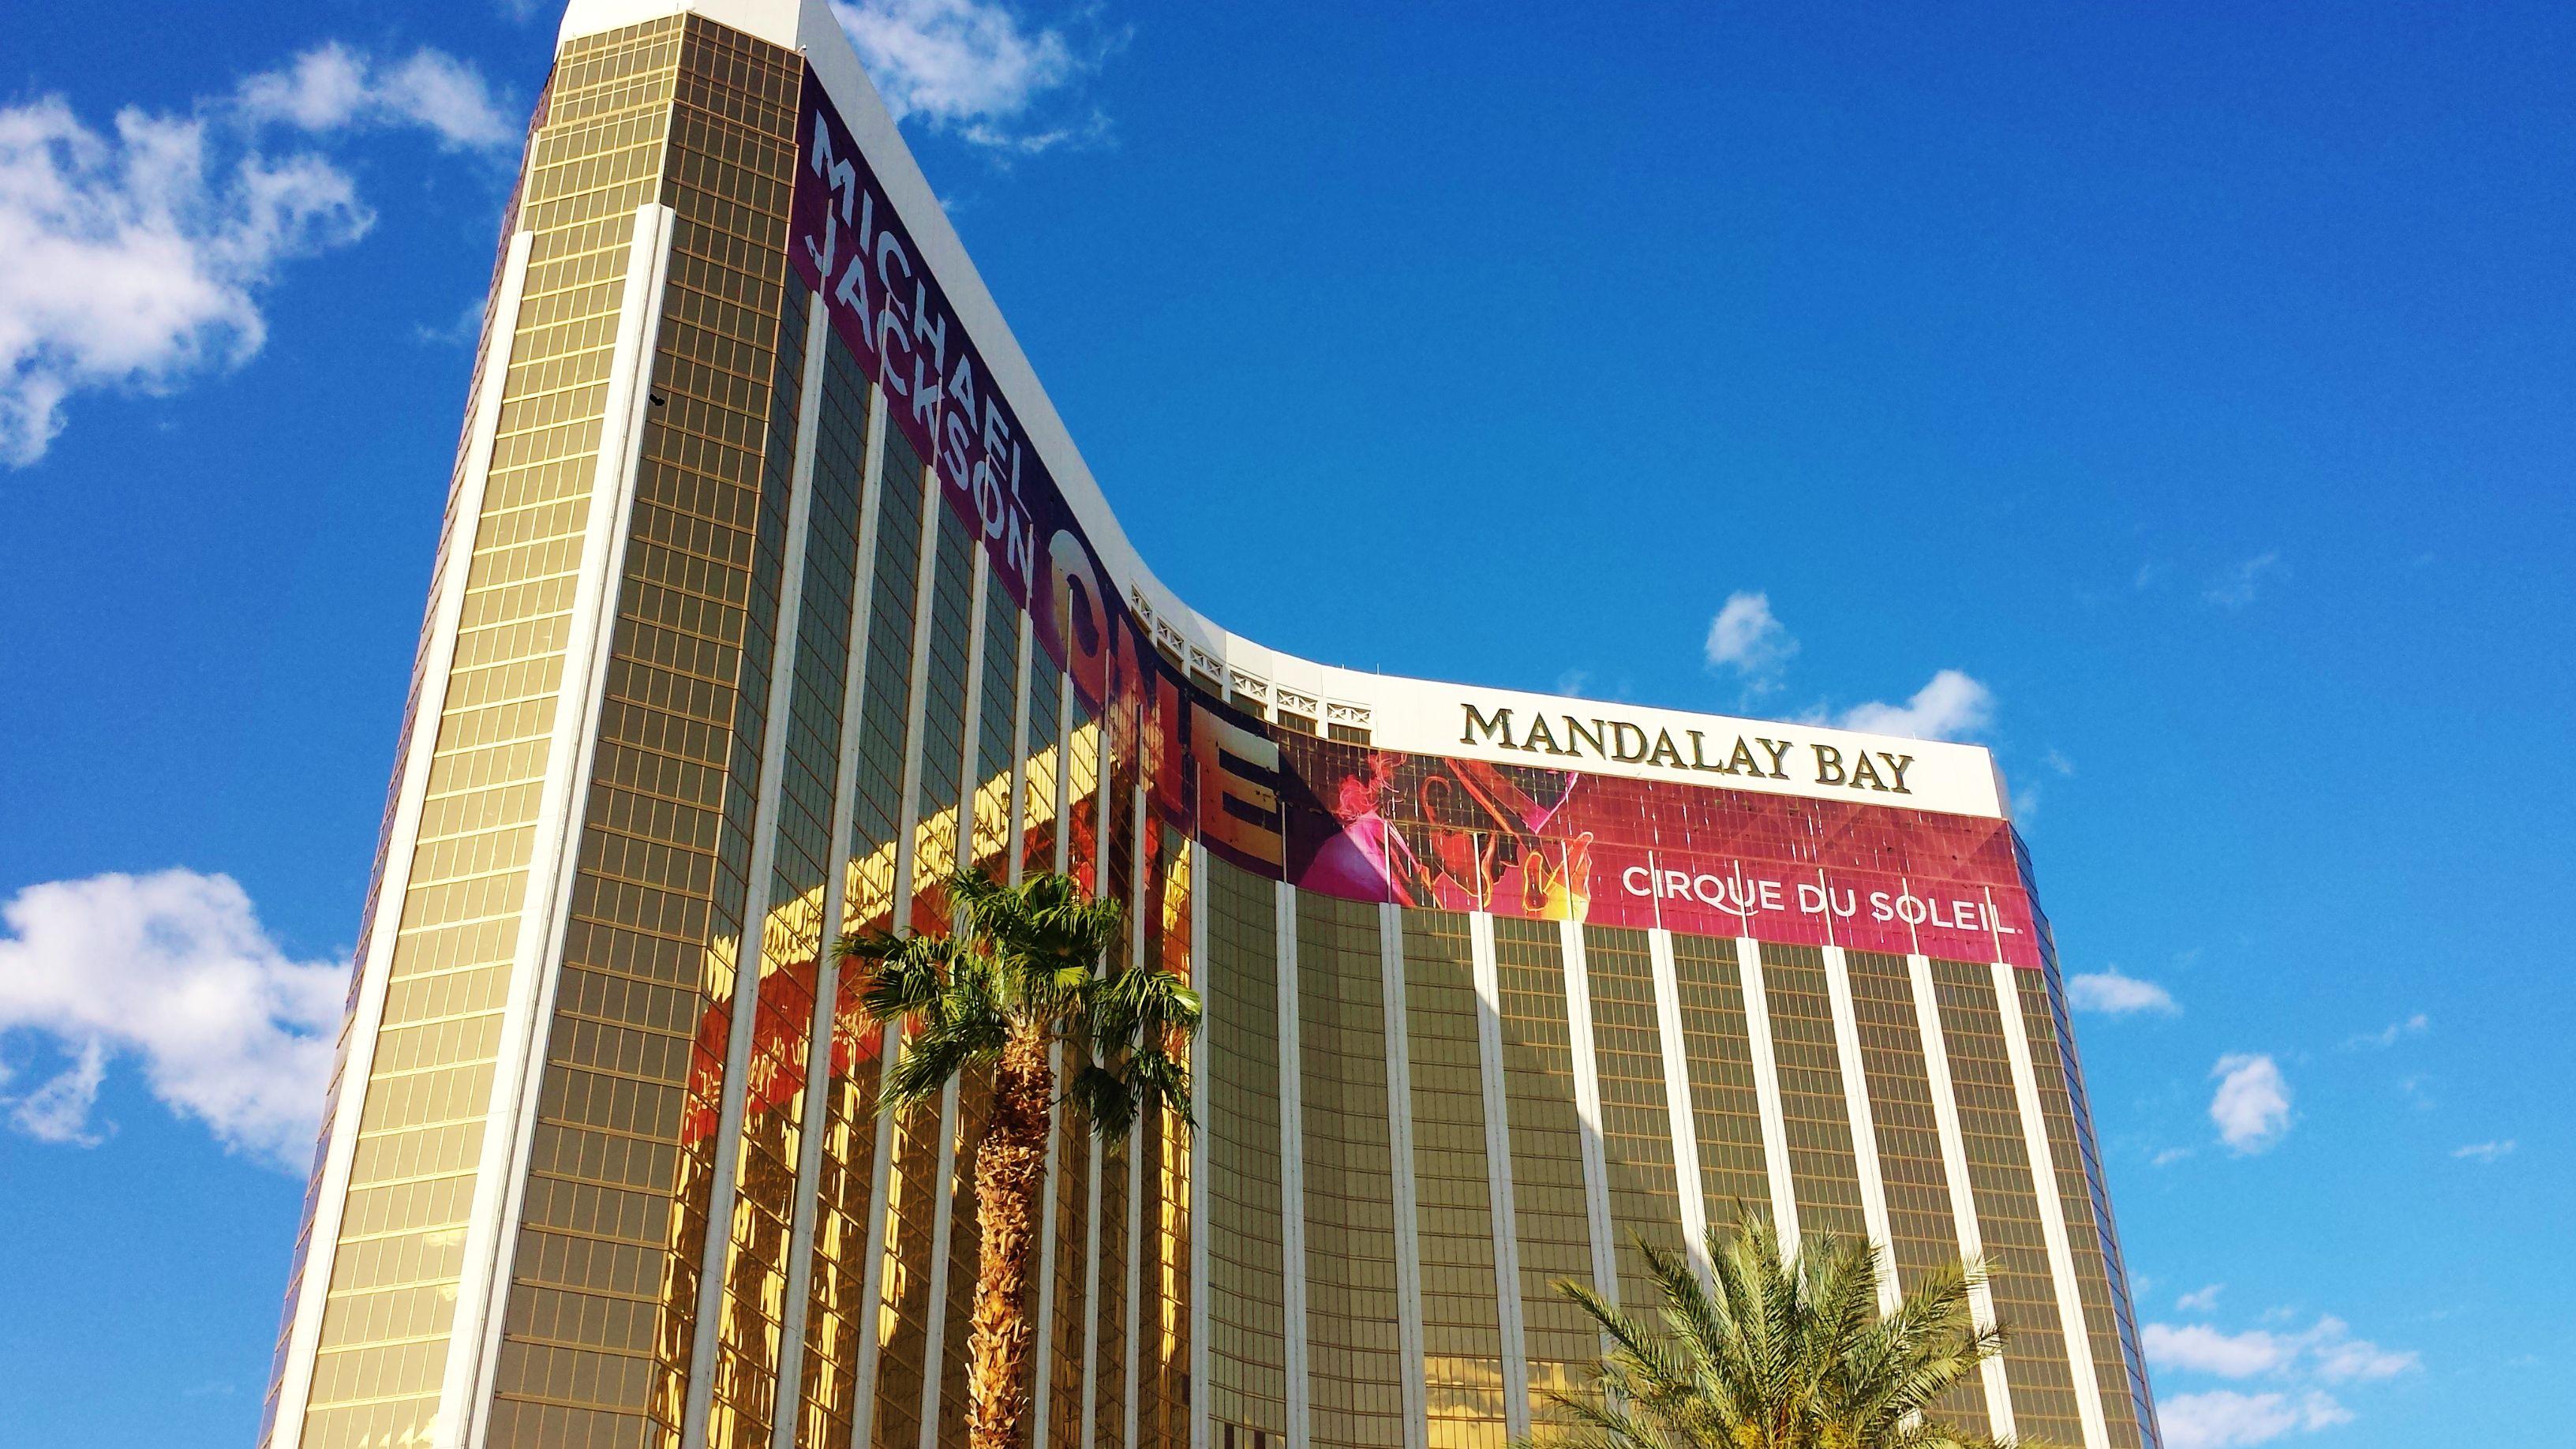 Mandalay Place Shopping At Mandalay Bay Las Vegas